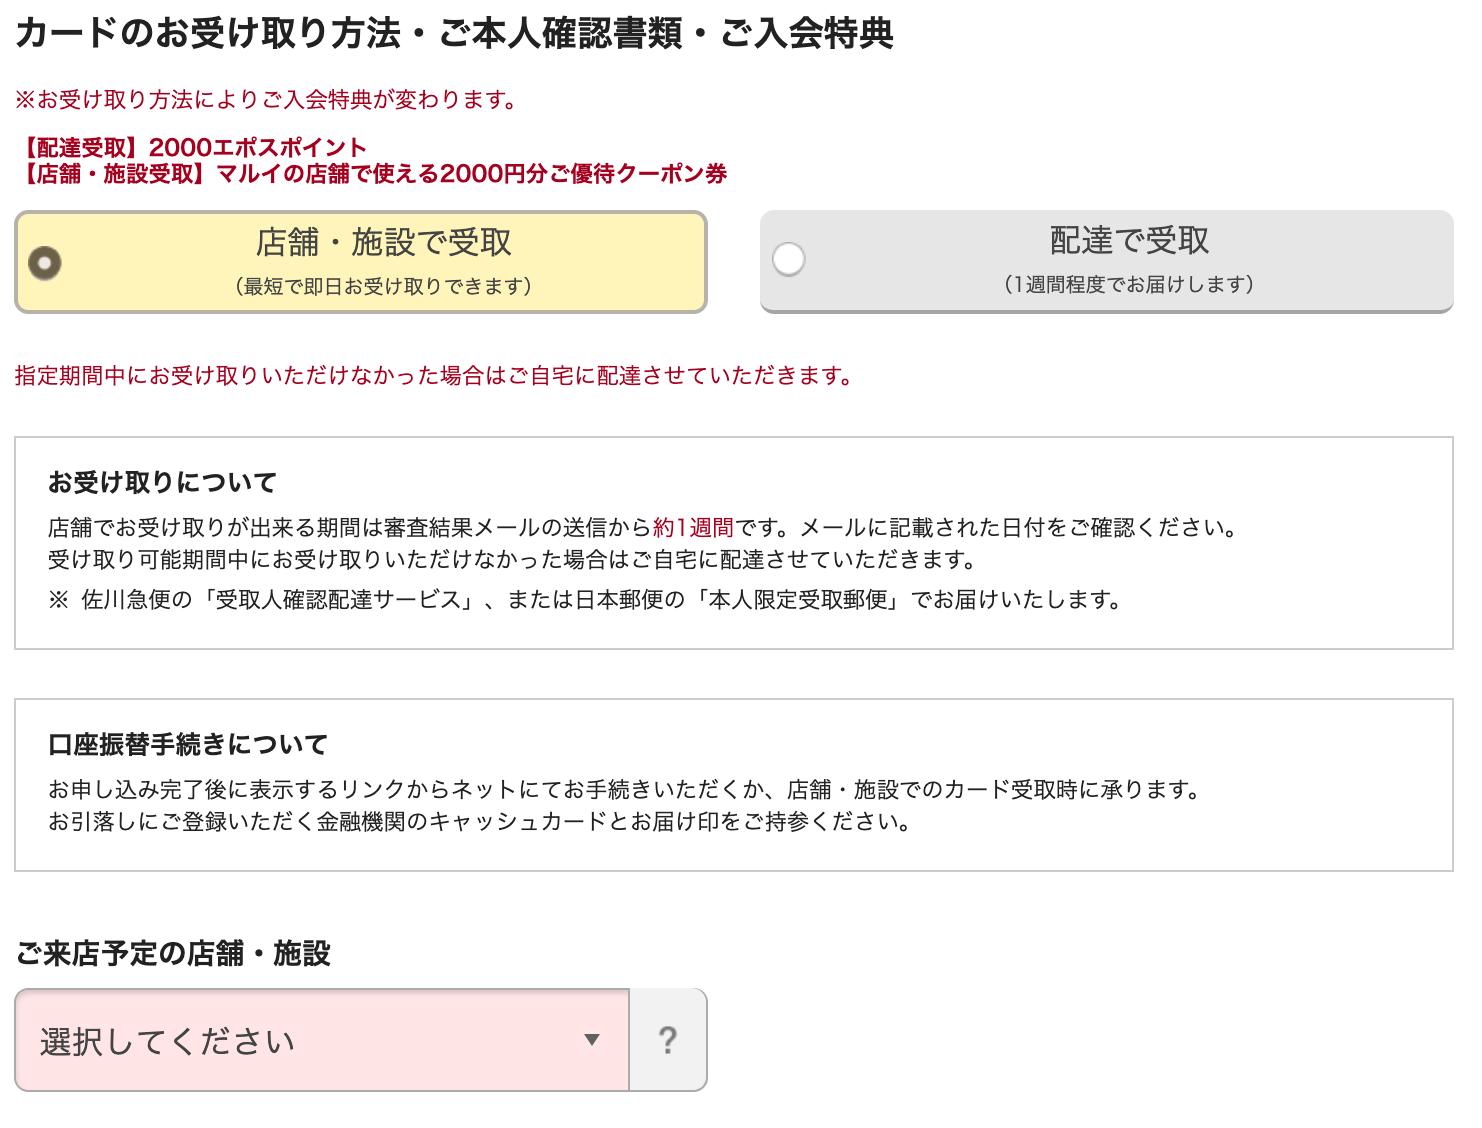 エポスカード申込み手順10